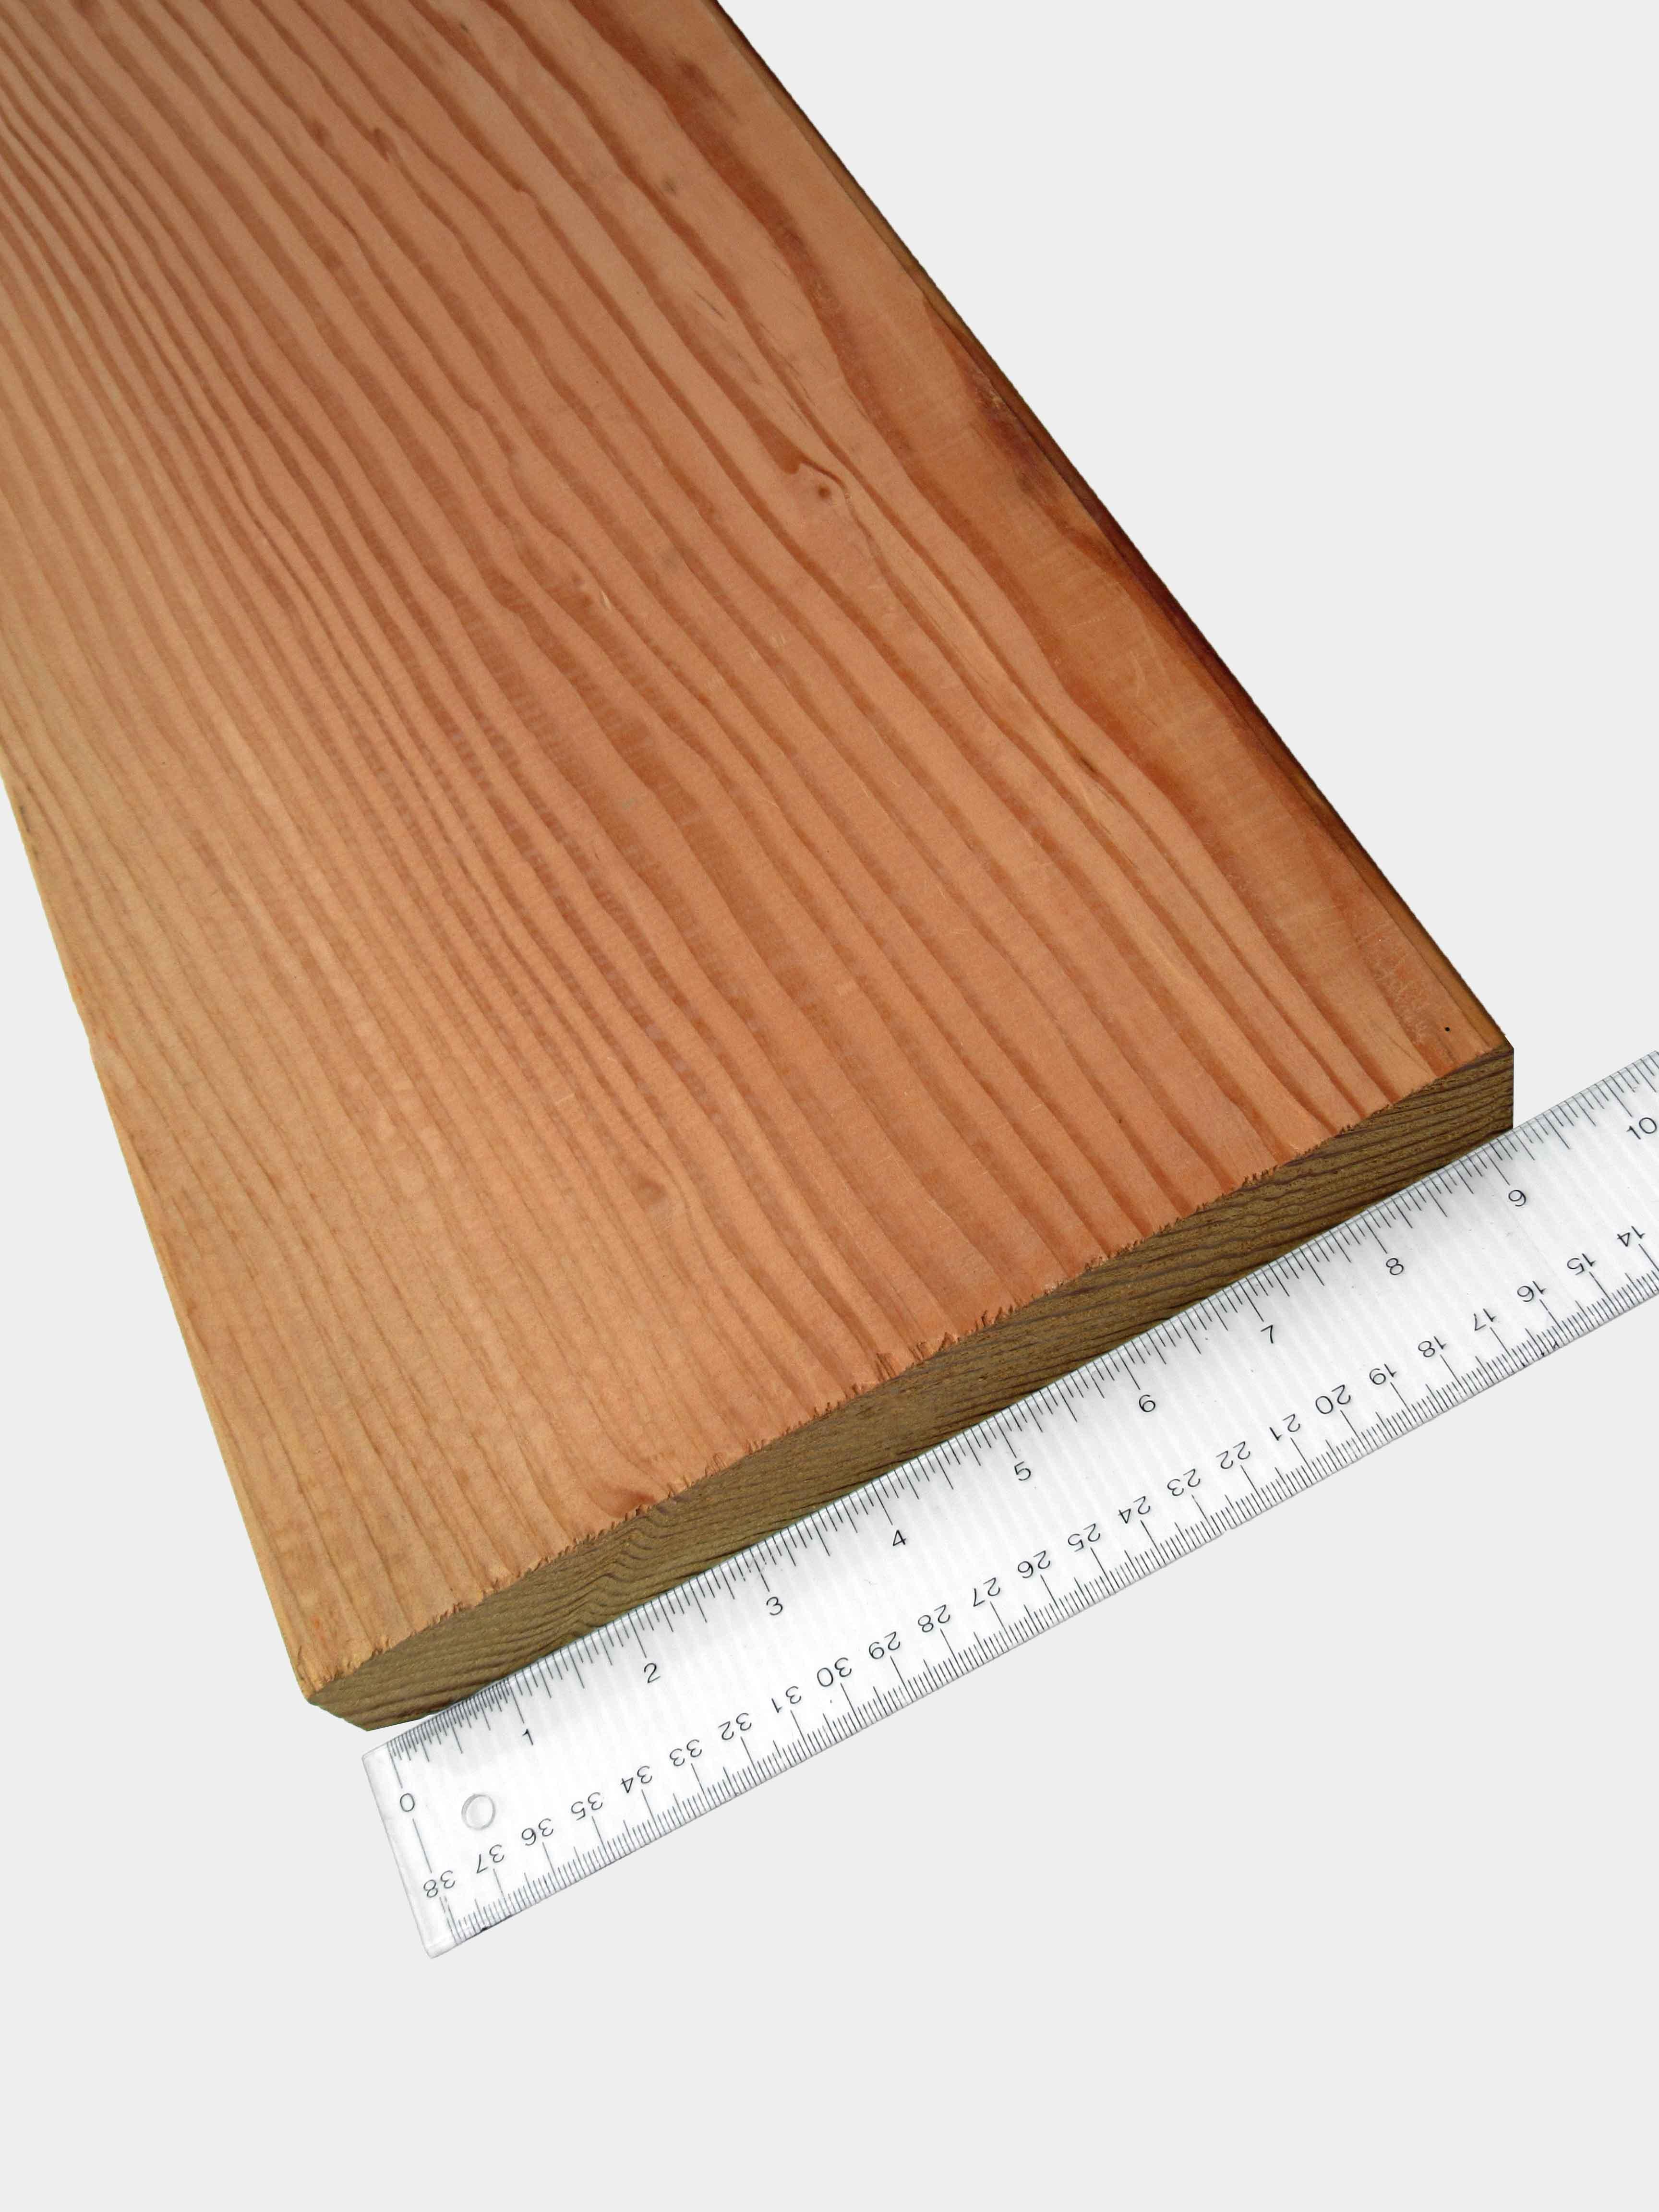 2x10 Doug Fir Clear S4s Capitol City Lumber